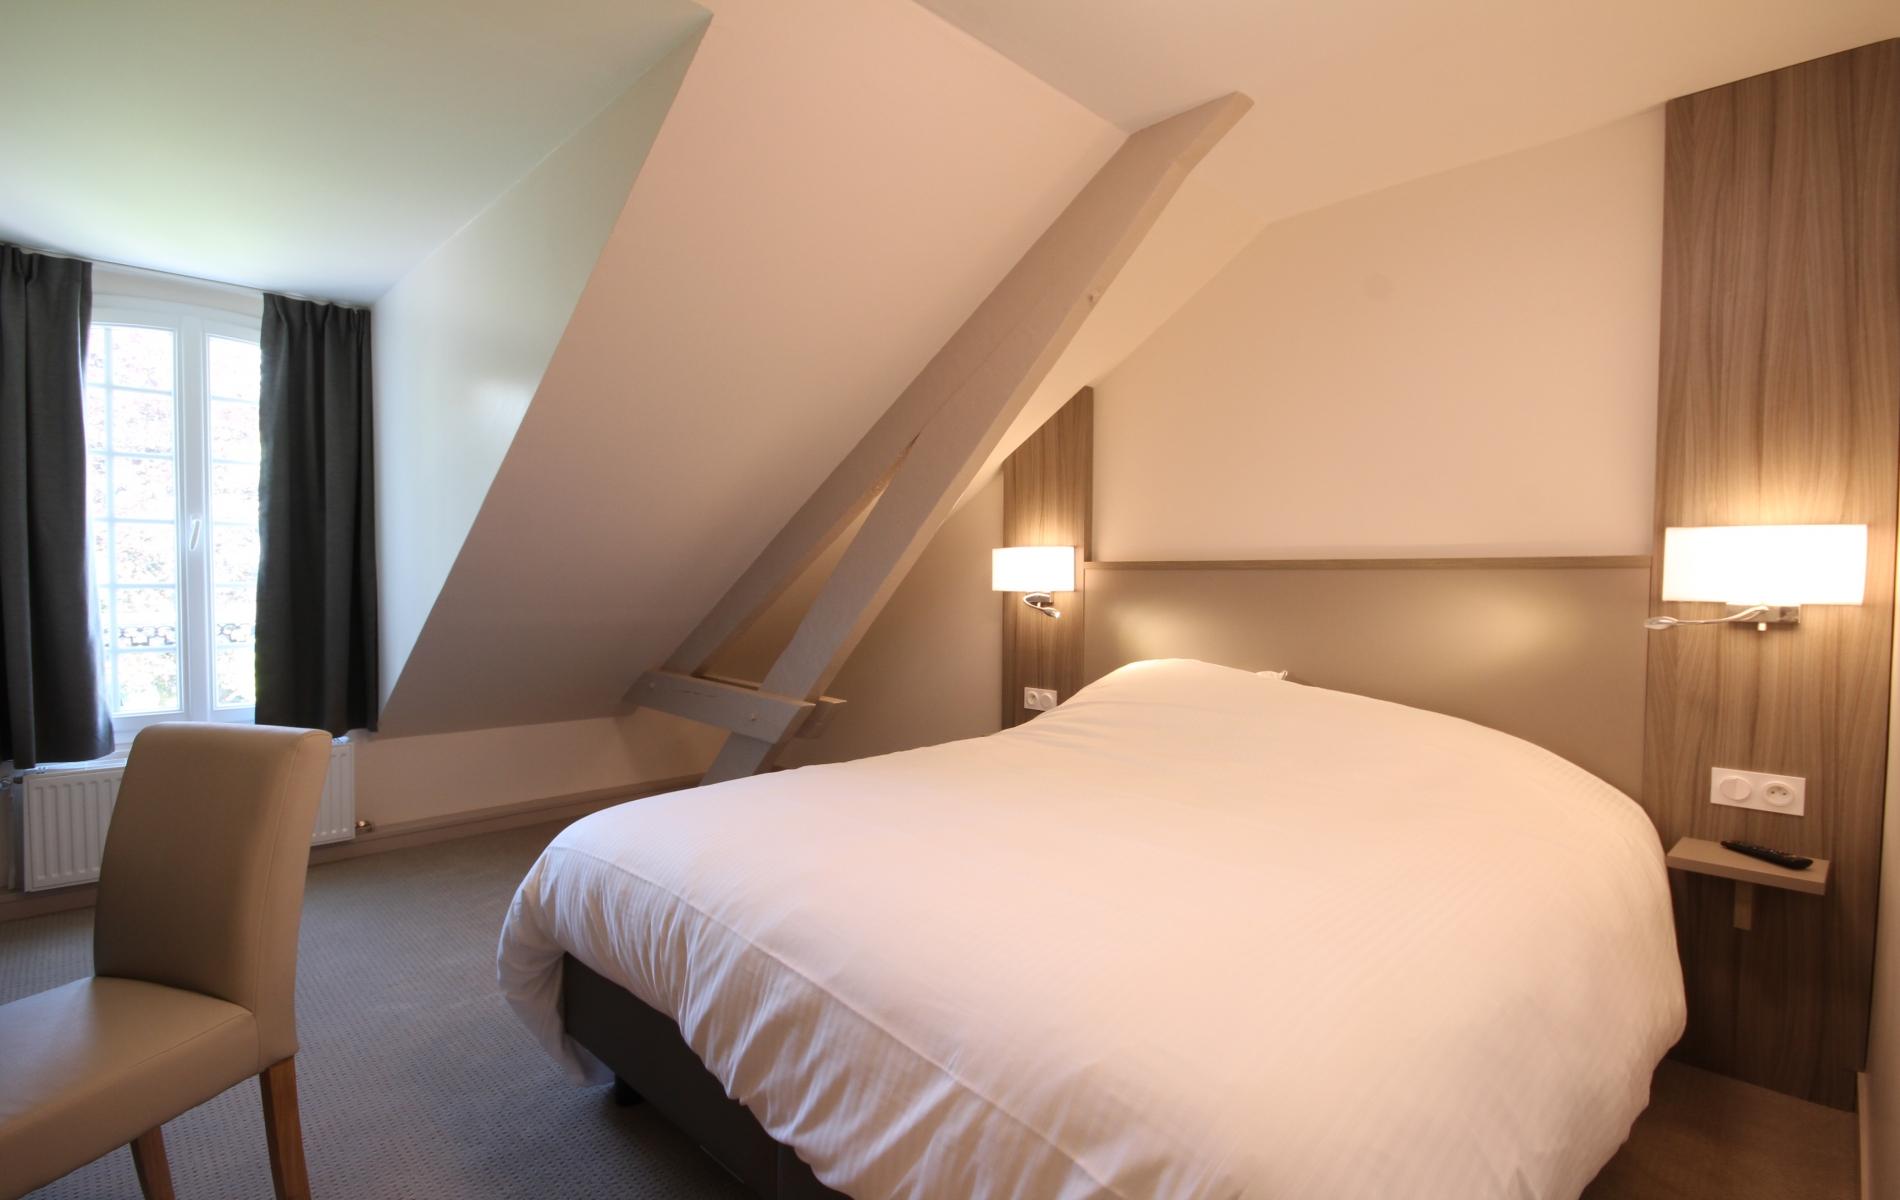 Chambre 2 personnes à partir de 75 euros